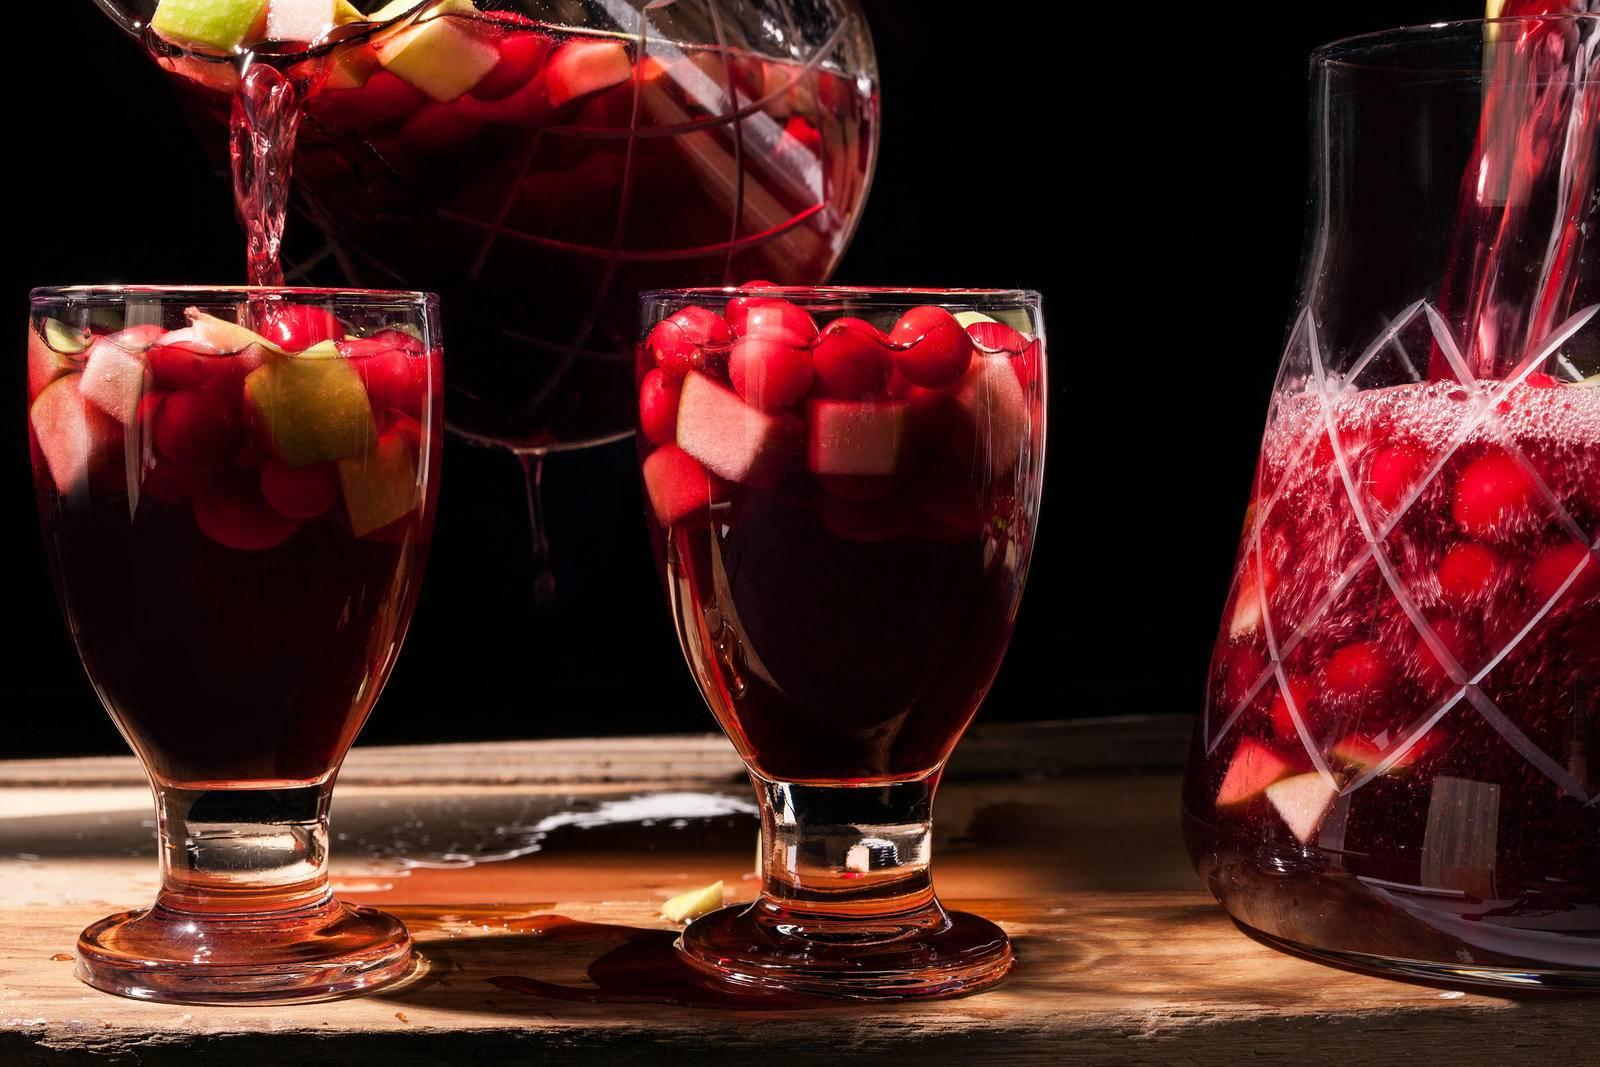 Коктейли с вином: с красным, белым, розовым, игристым - проверенные рецепты приготовления, полезные советы